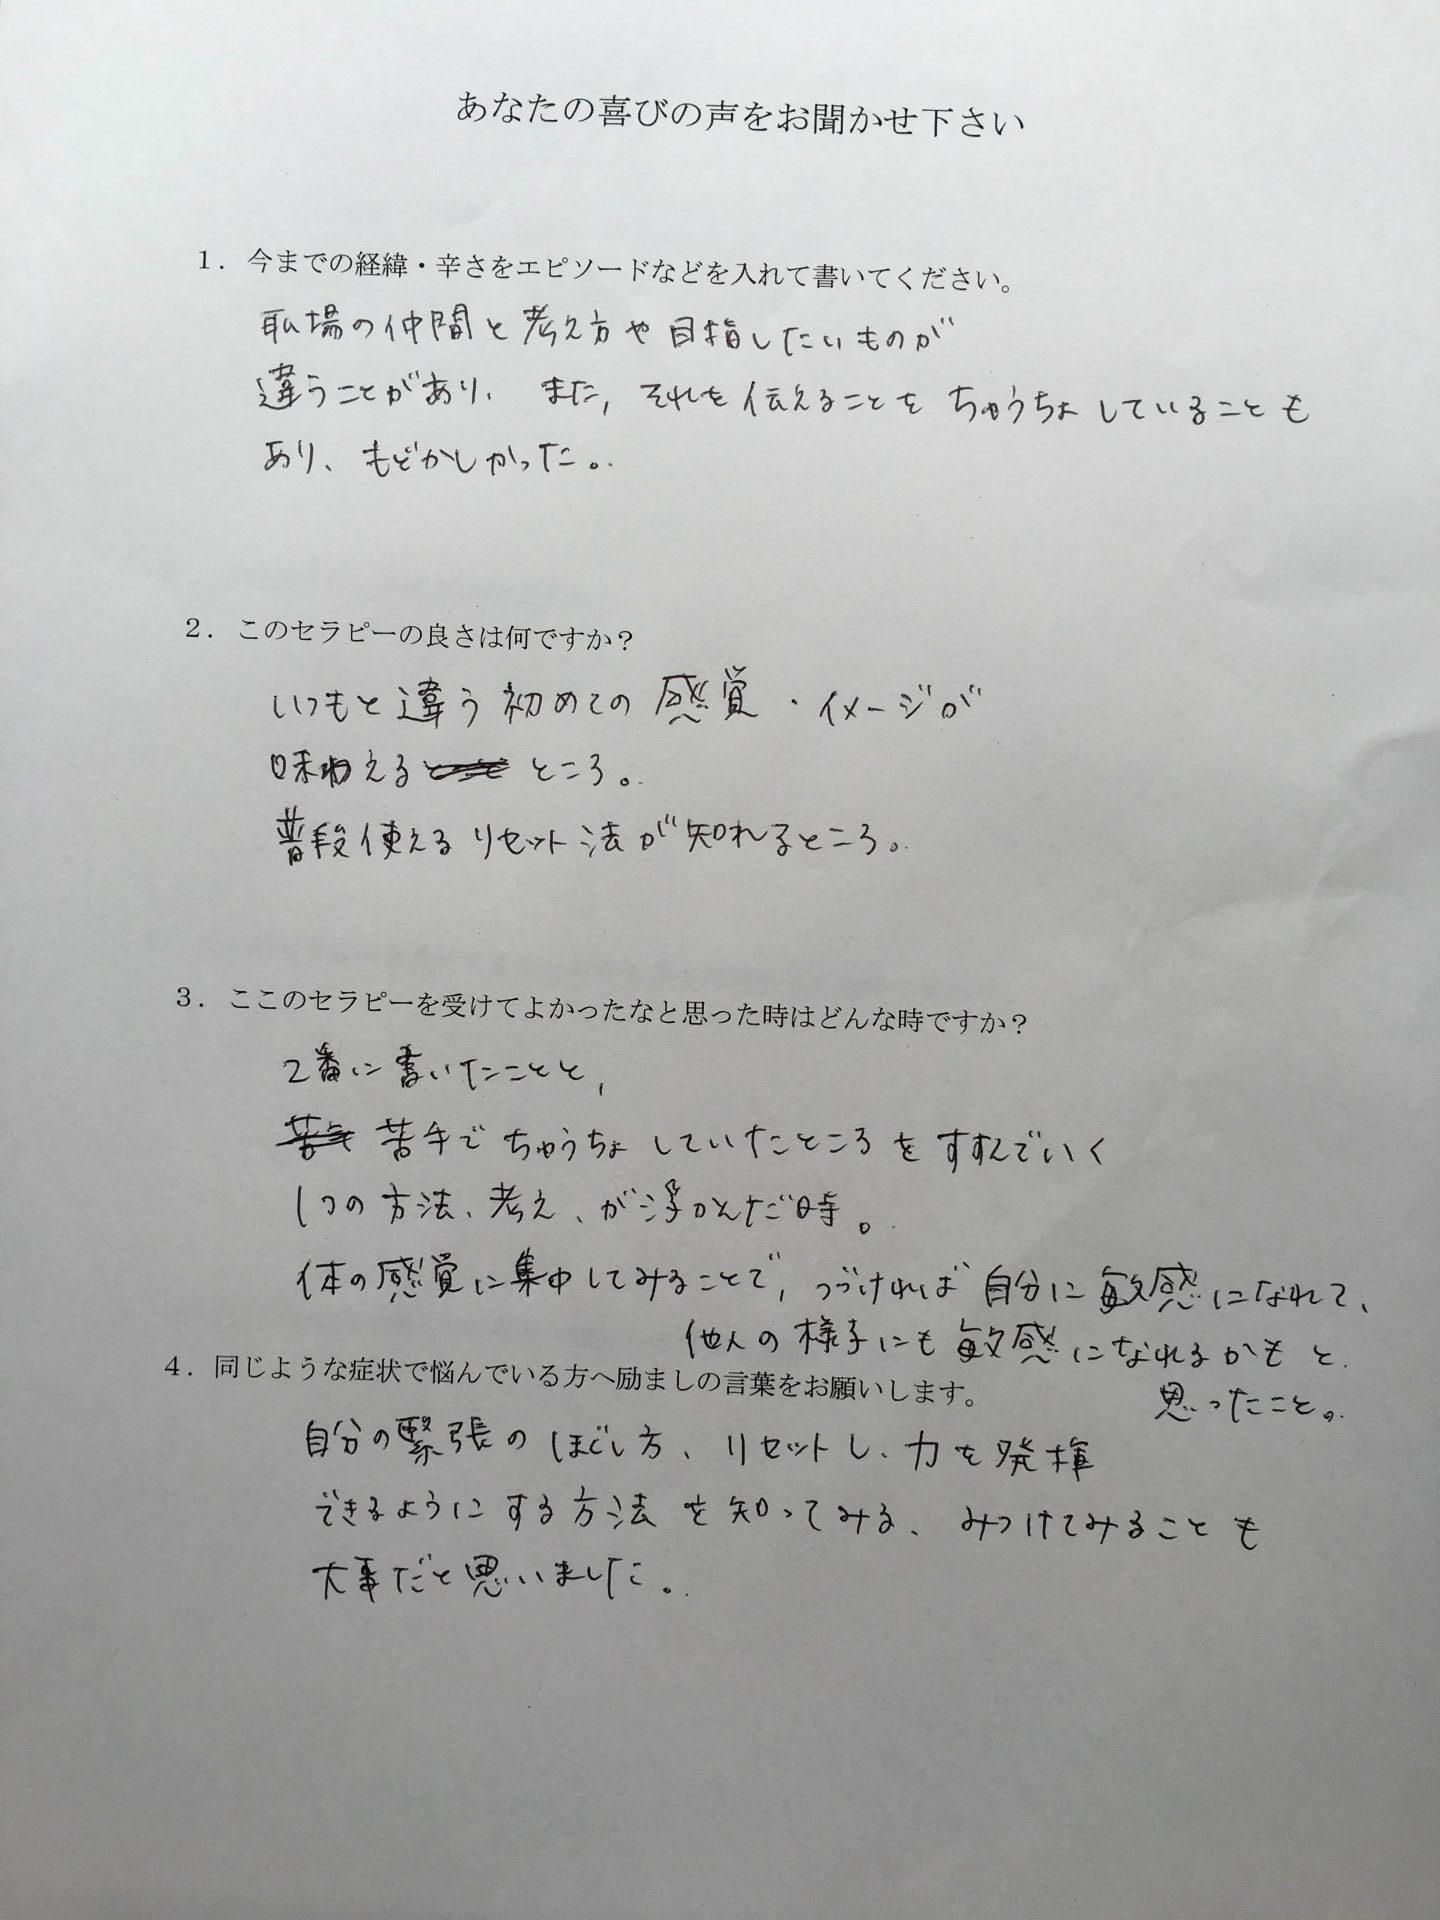 H27.6.20(リンキンさん感想)